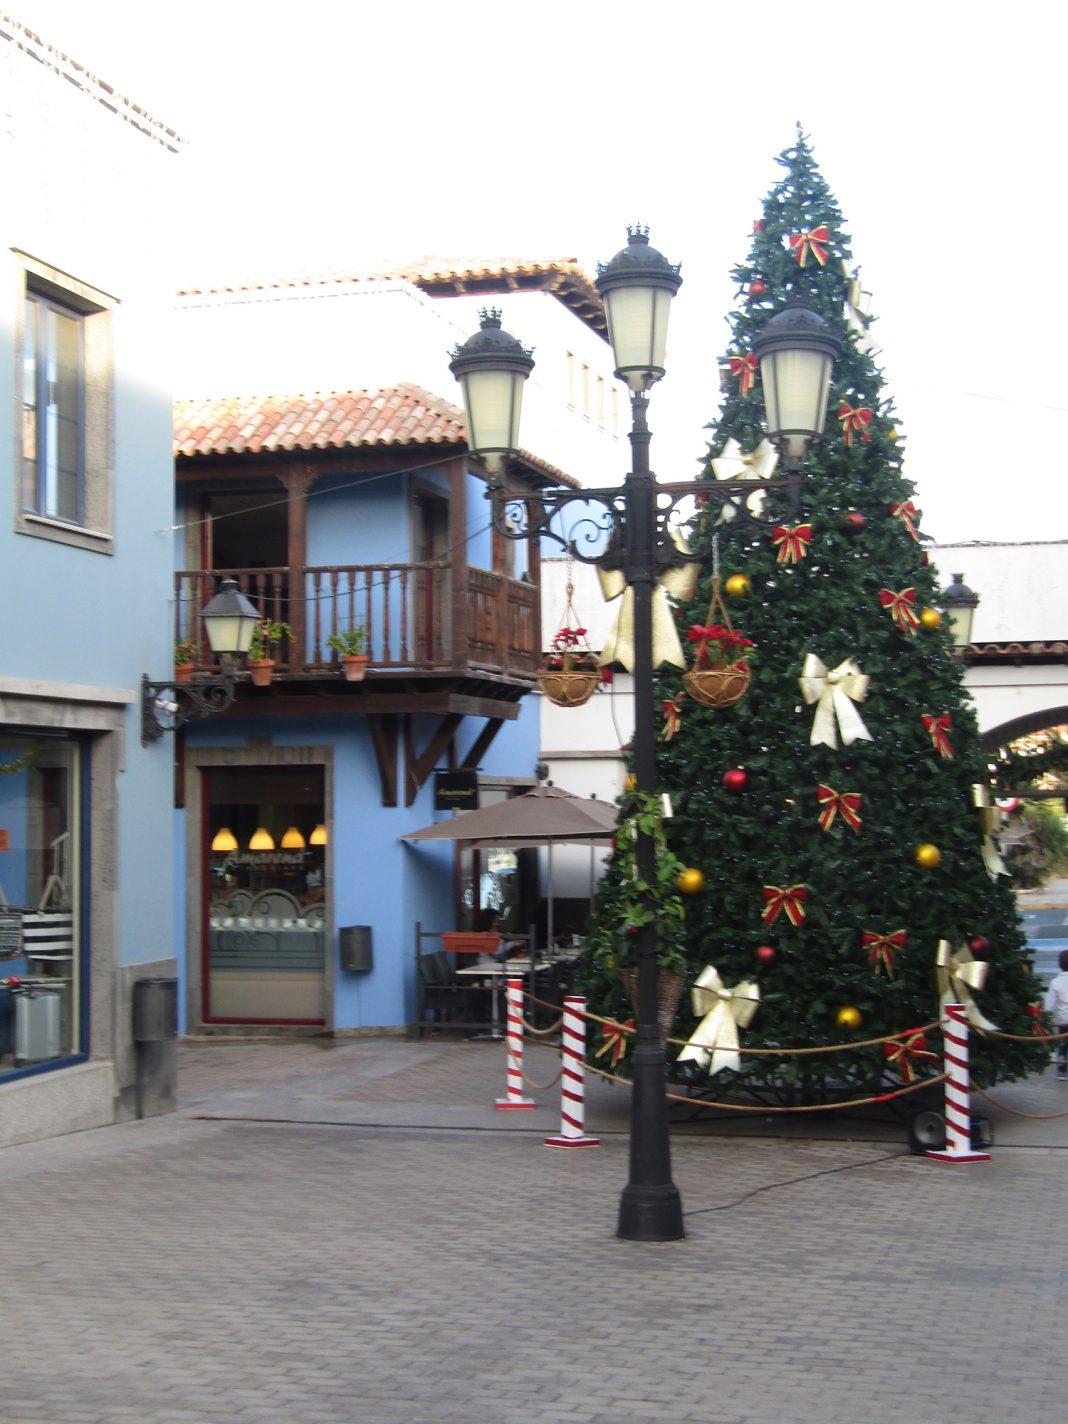 Kerstsfeer op Fuerteventura - Fuerteventura in de winter